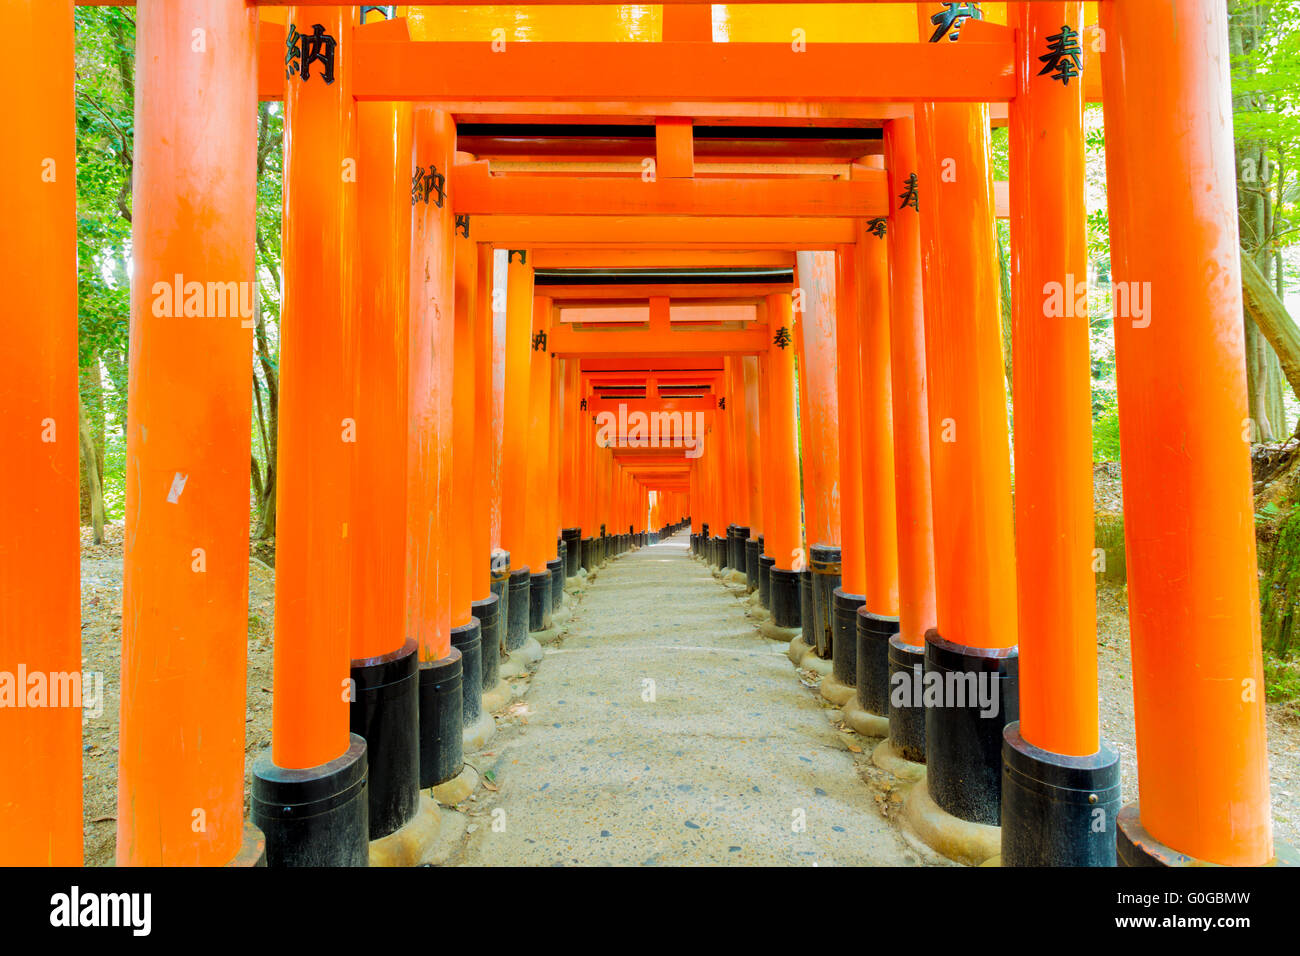 Fushimi Inari Shrine Centered Nobody Trees Forest - Stock Image